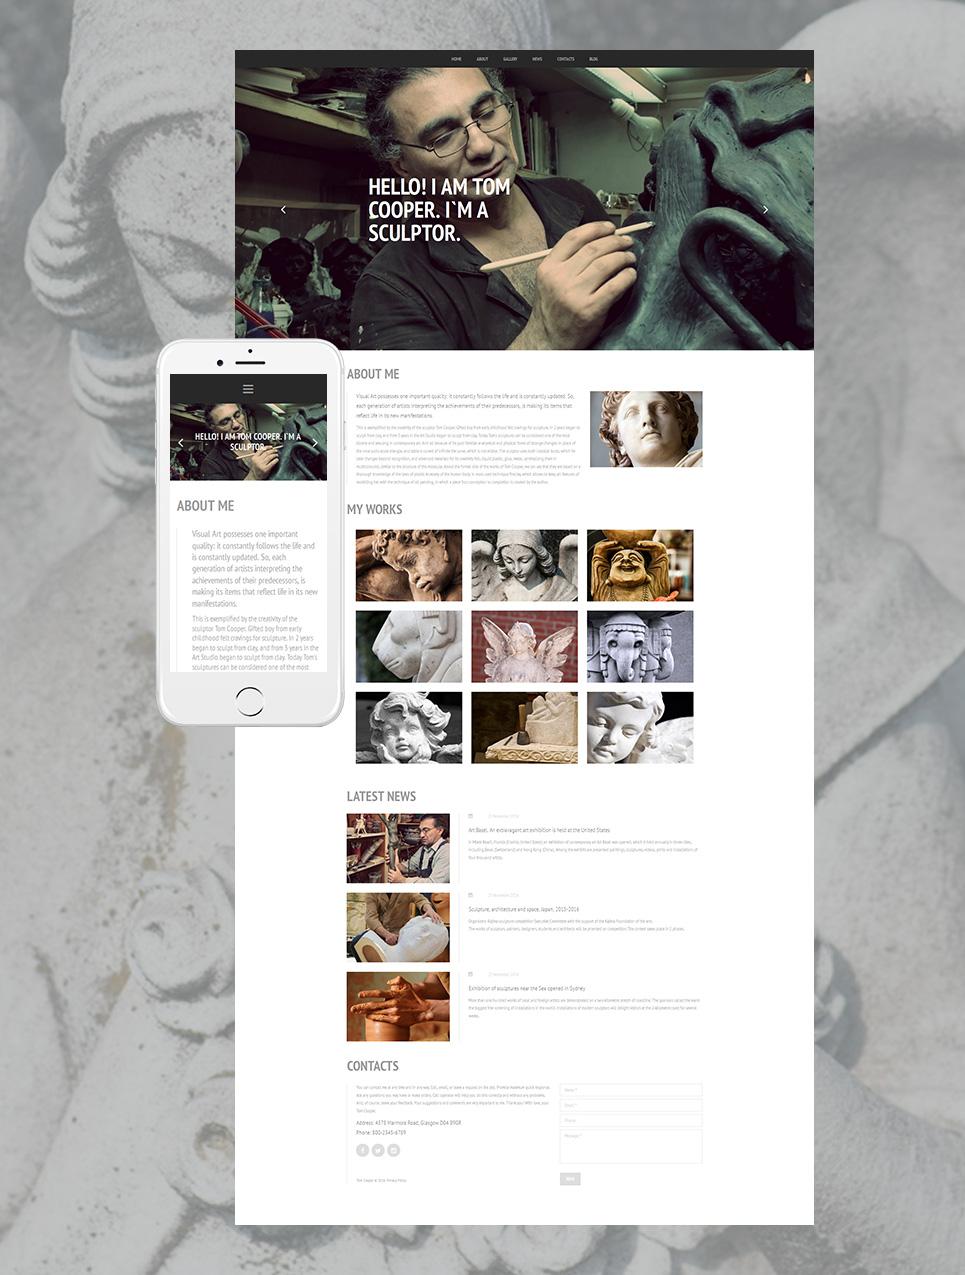 Sitio web adaptable para los arquitectos - image